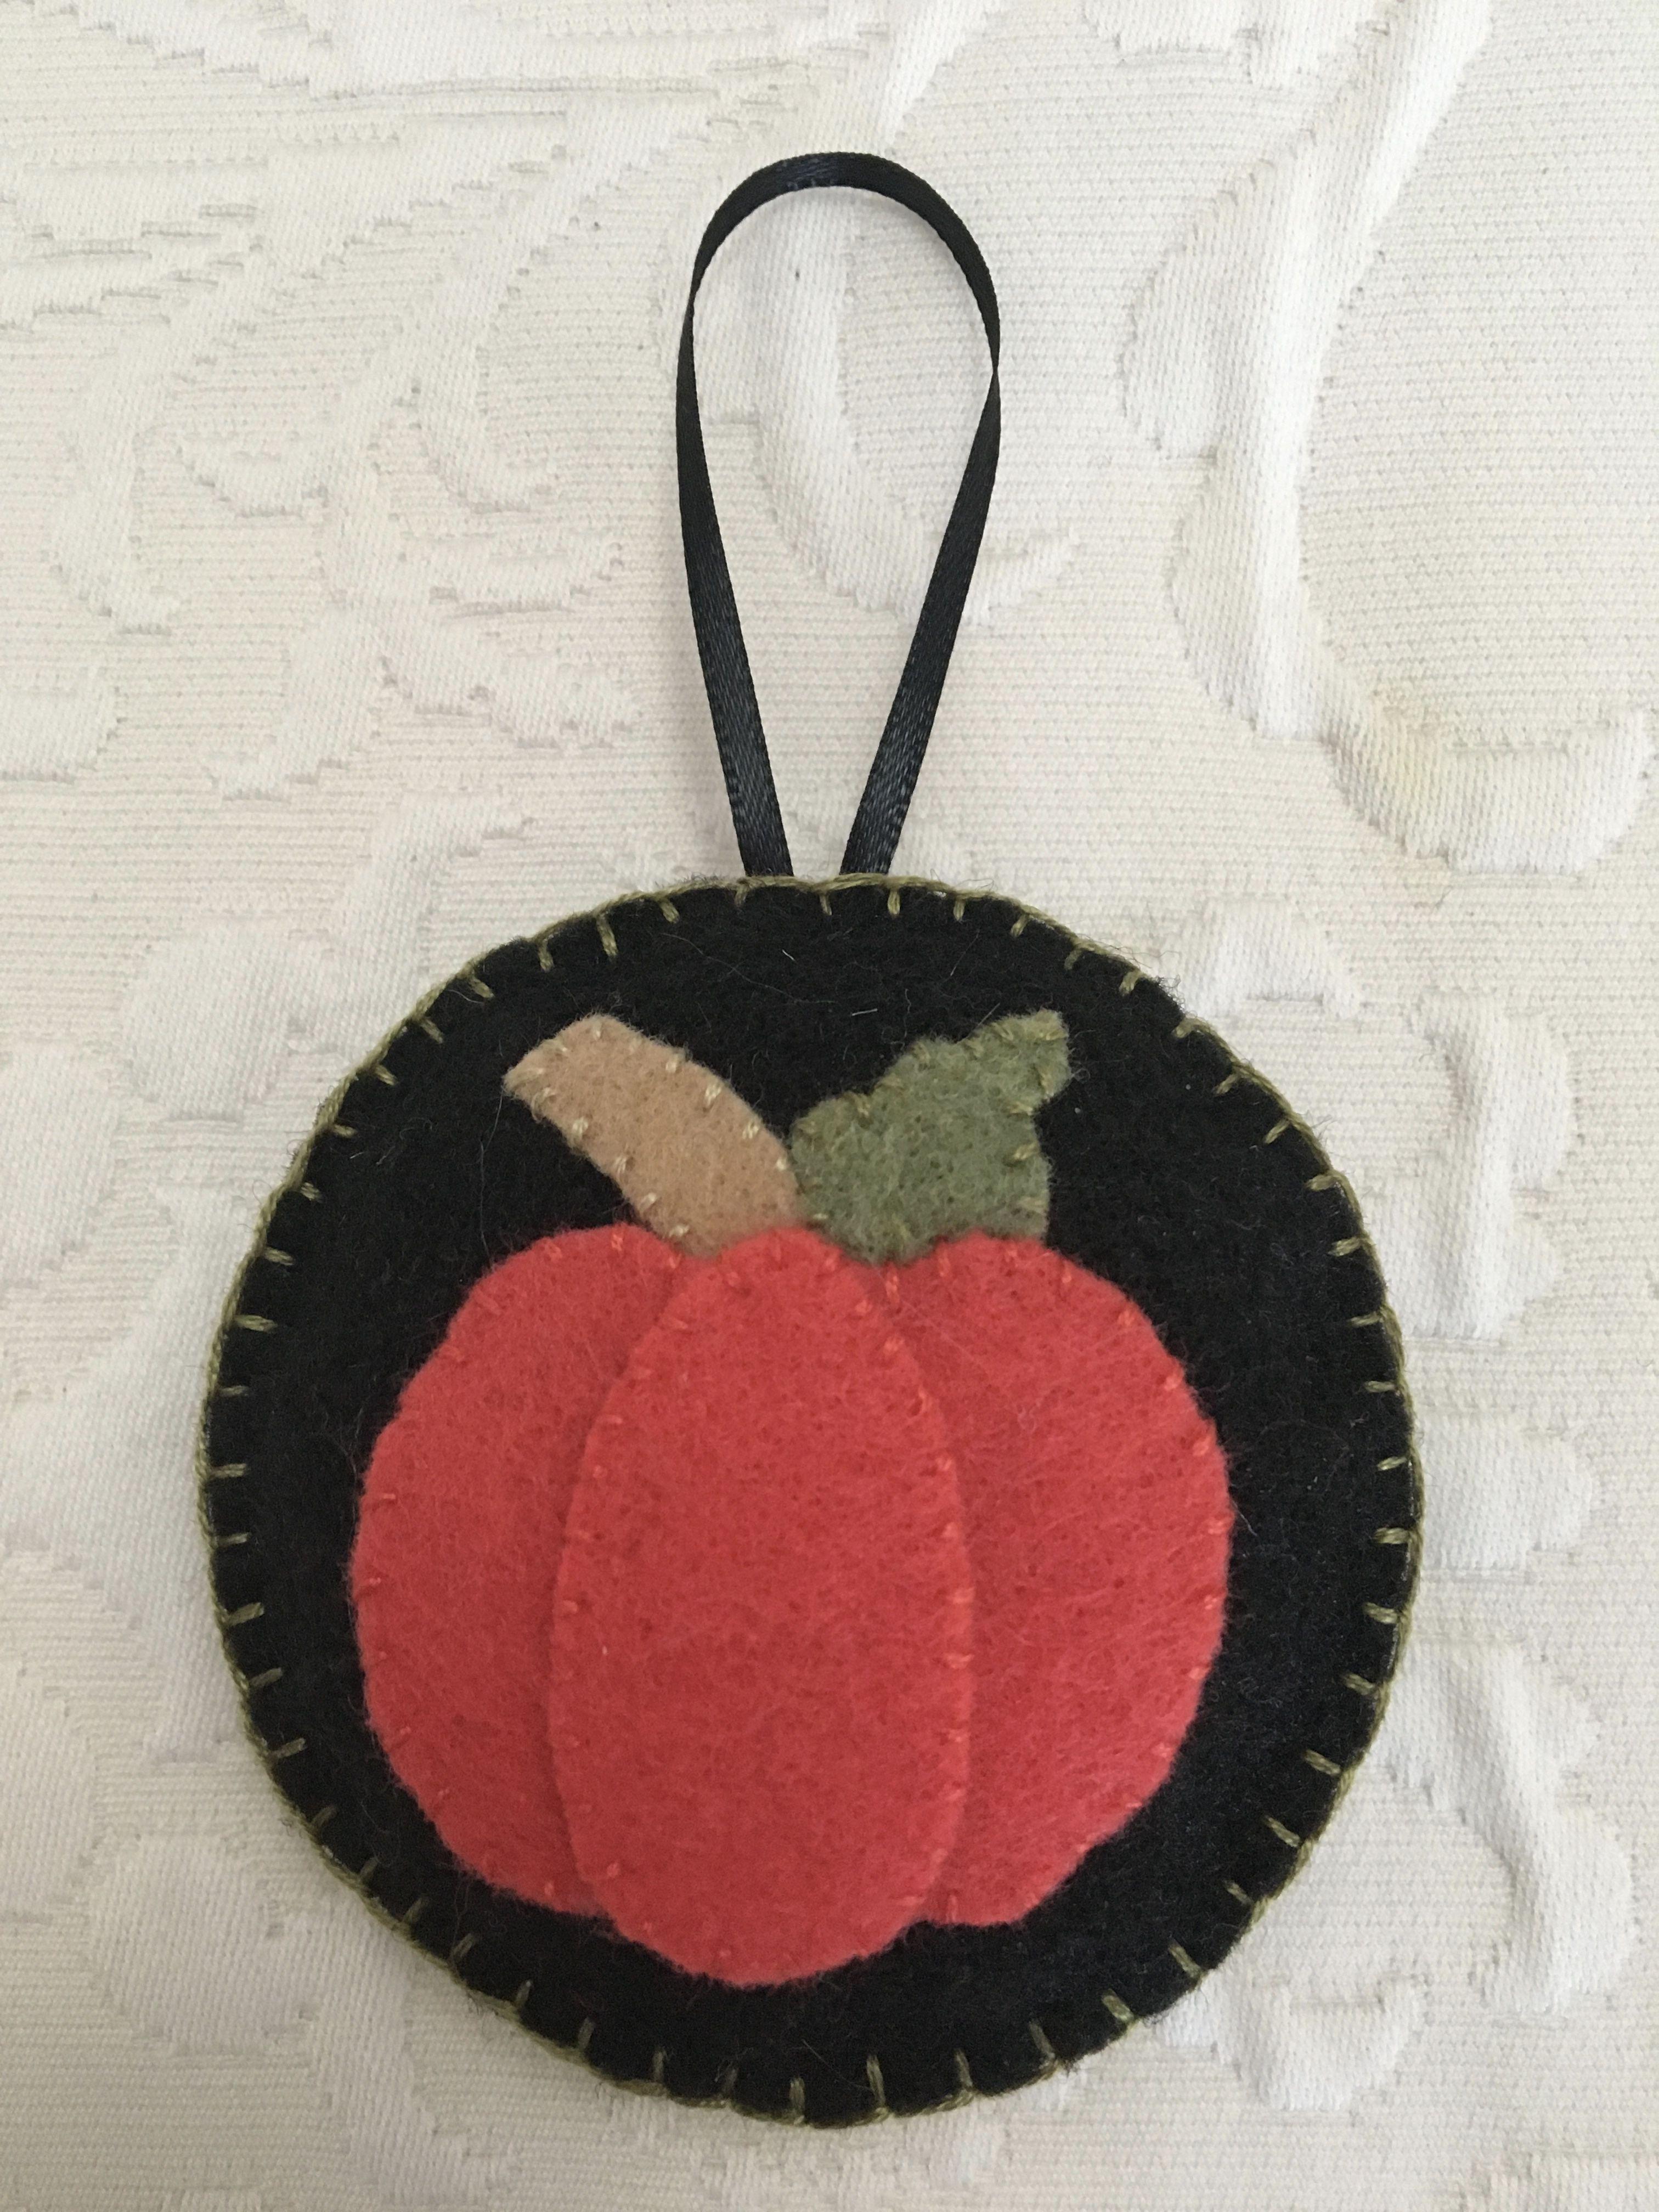 Felt Crafts Felt Ornament Pumpkin Halloween Thanksgiving Harvest Autumn Made By Janis Fall Felt Crafts Halloween Felt Crafts Felt Ornaments